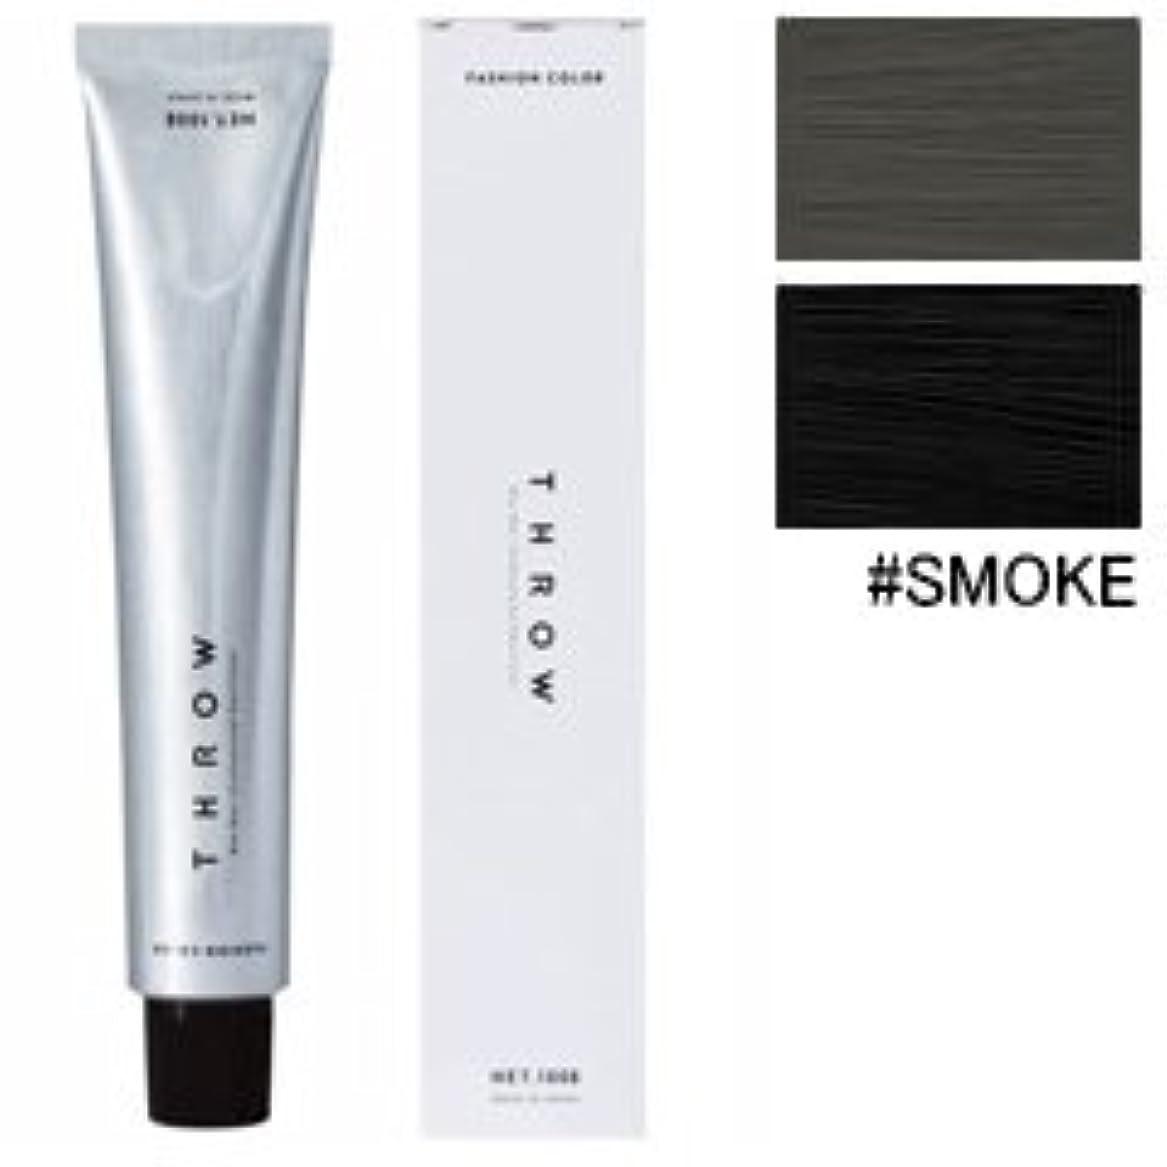 一口過度にトンネル【モルトベーネ】スロウ ファッションカラー #SMOKE 100g